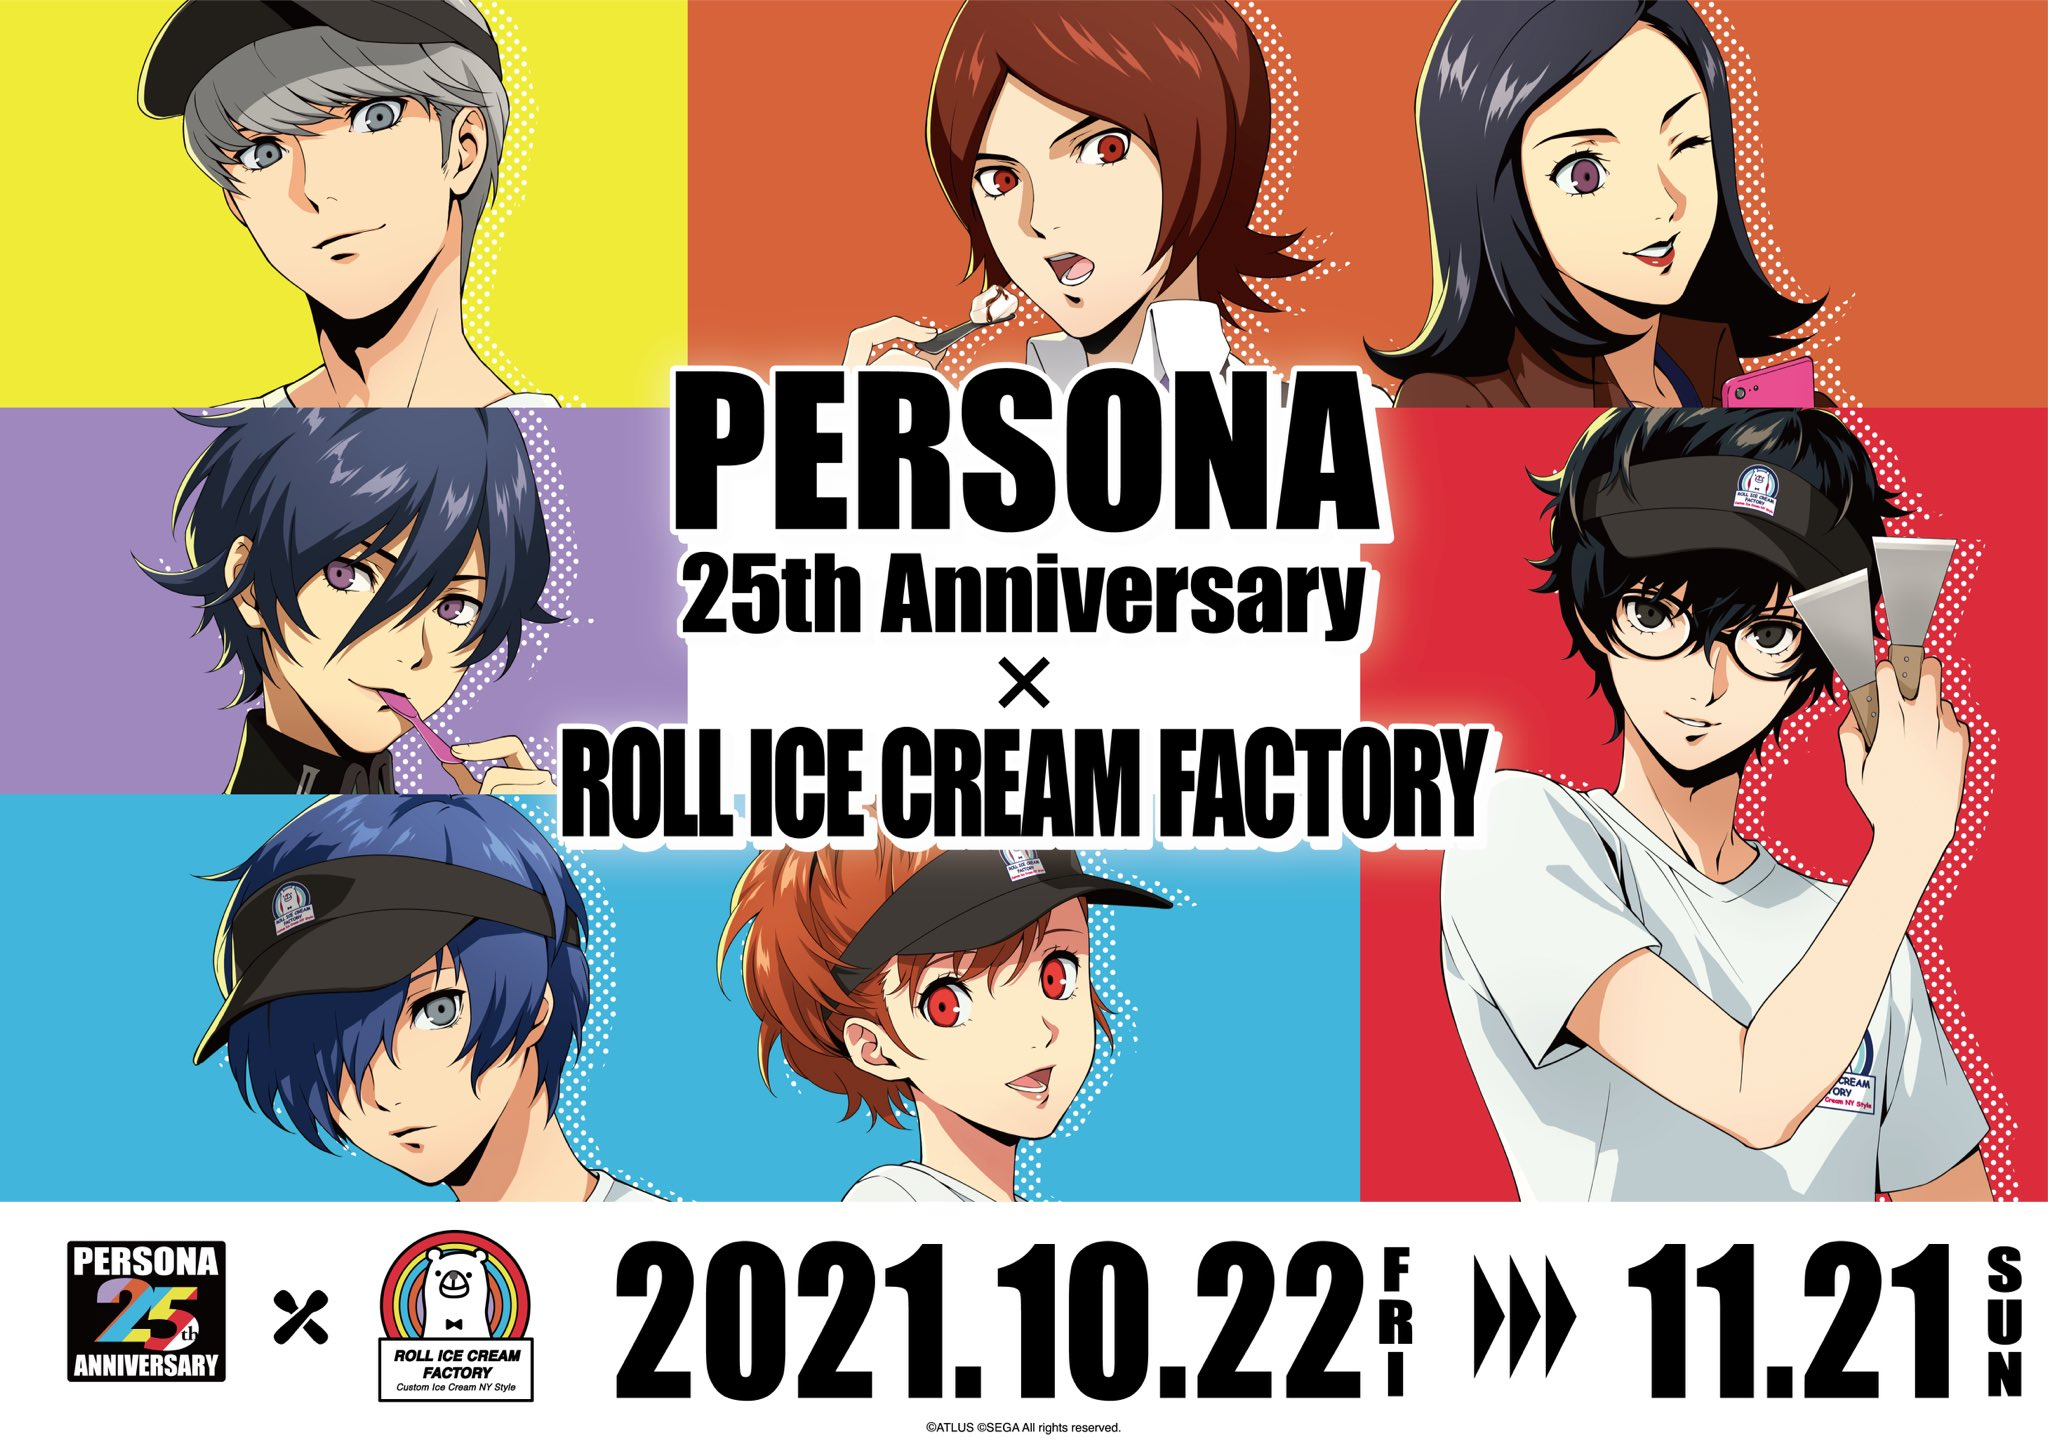 「ペルソナ×ロールアイスクリームファクトリー」コラボ決定!グッズ・メニュー情報解禁